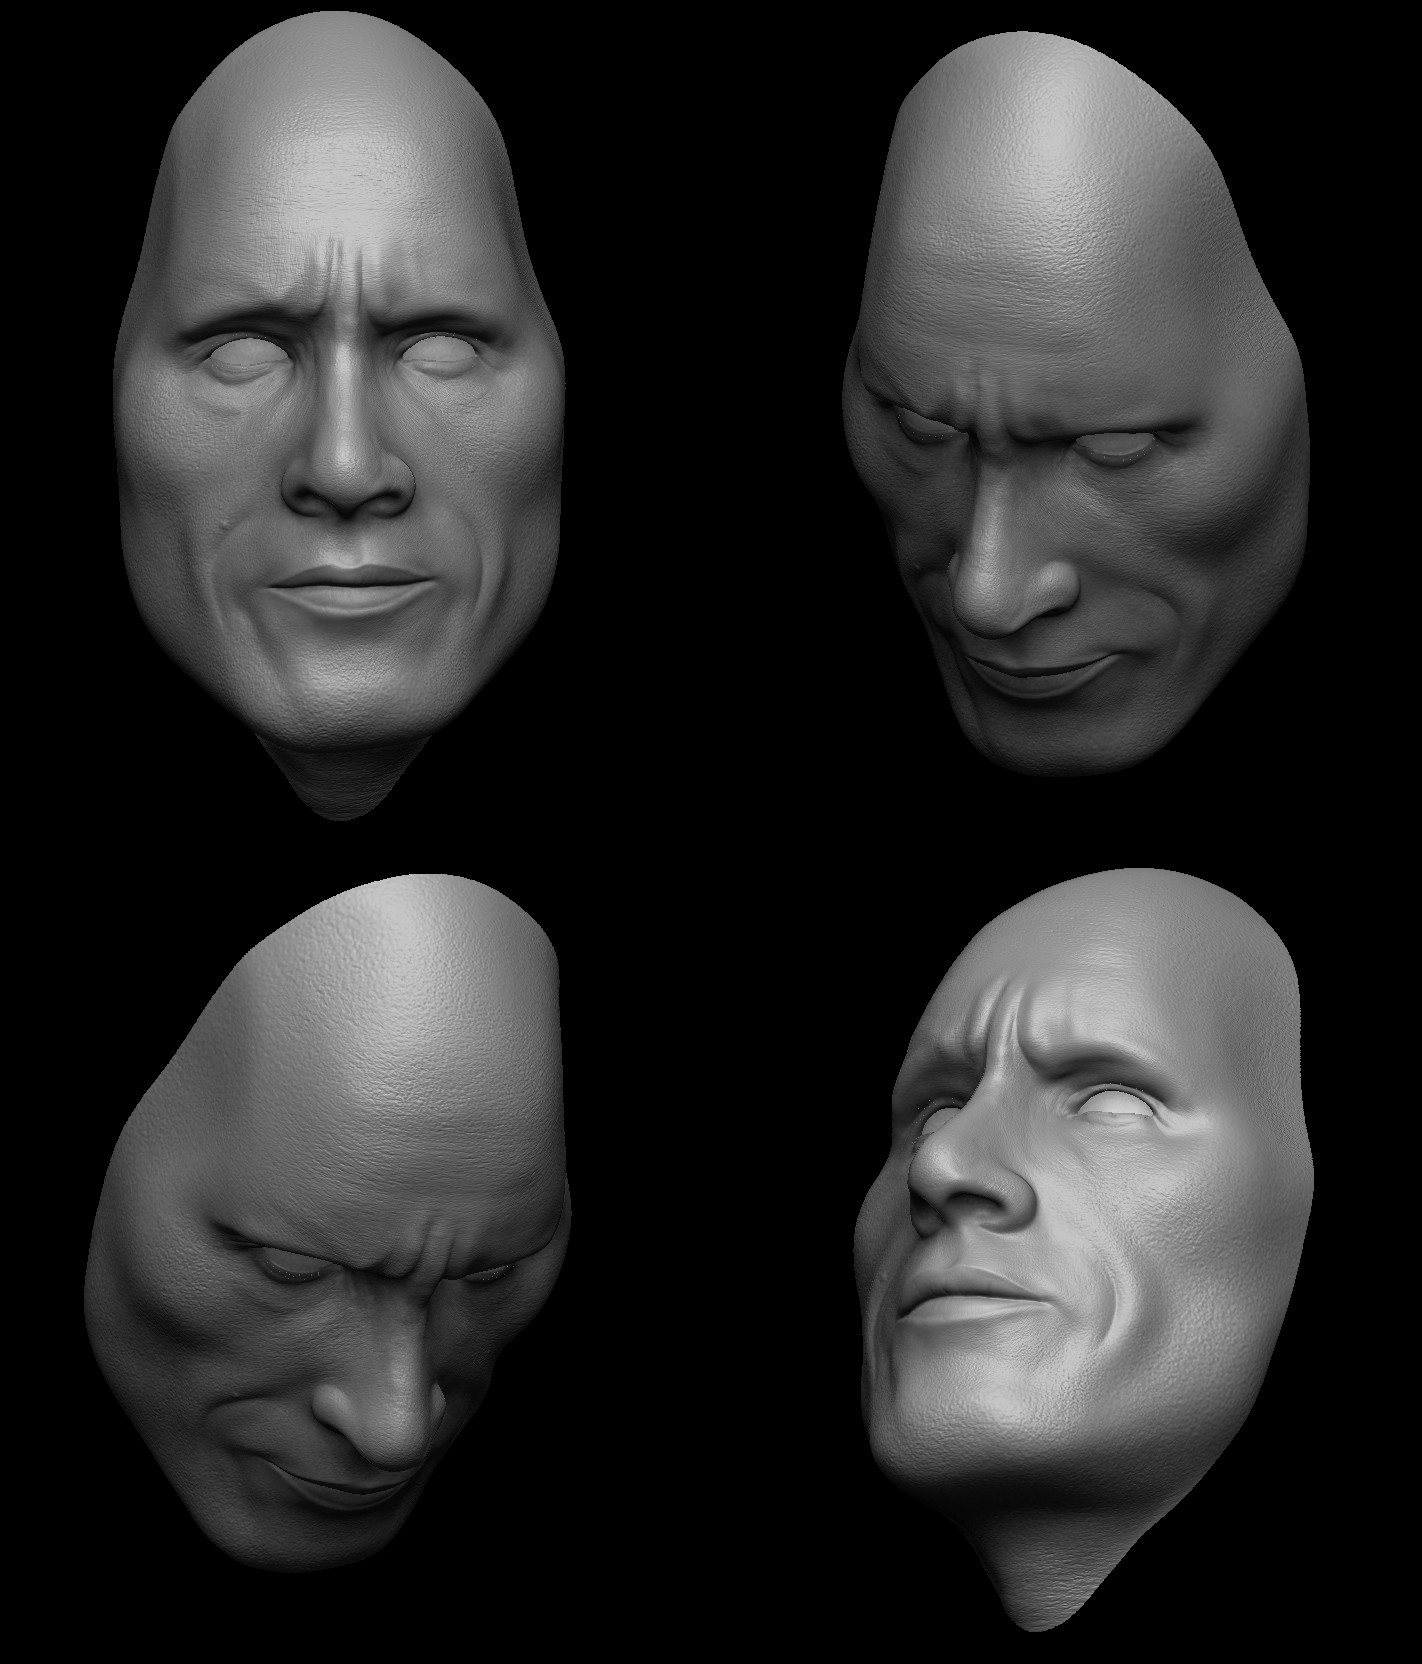 Surajit sen 2 dwayne johnson 3d porttrait sculptsshots by surajit sen